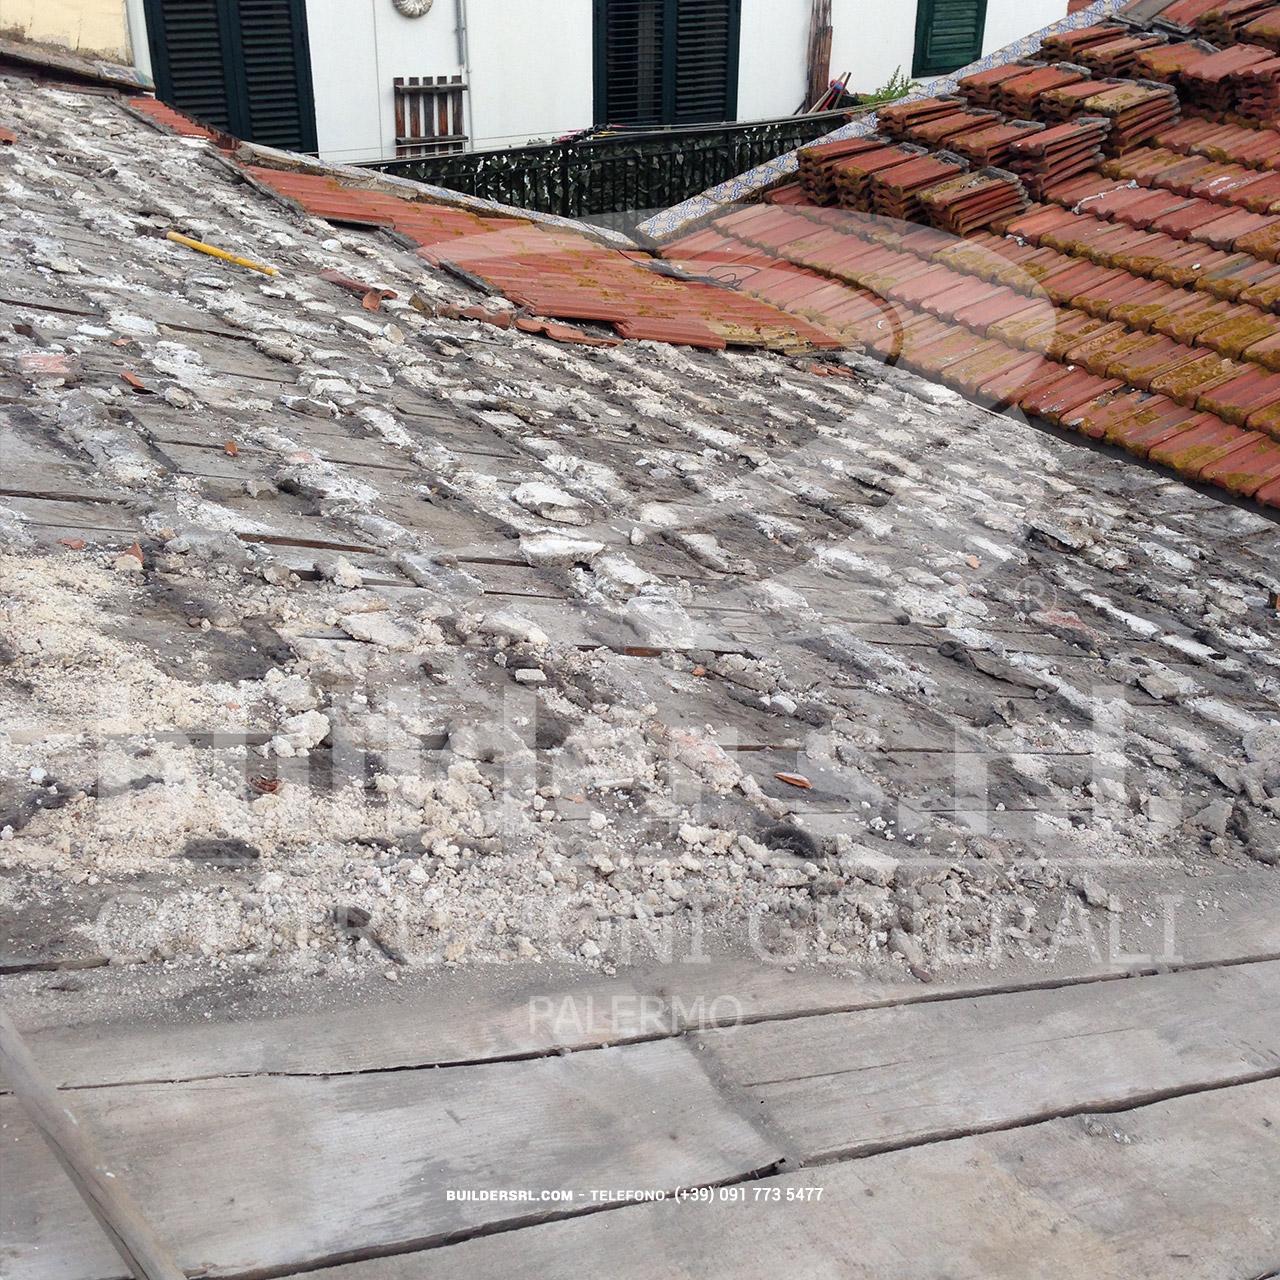 impermeabilizzazione tetto e manutenzione ordinaria